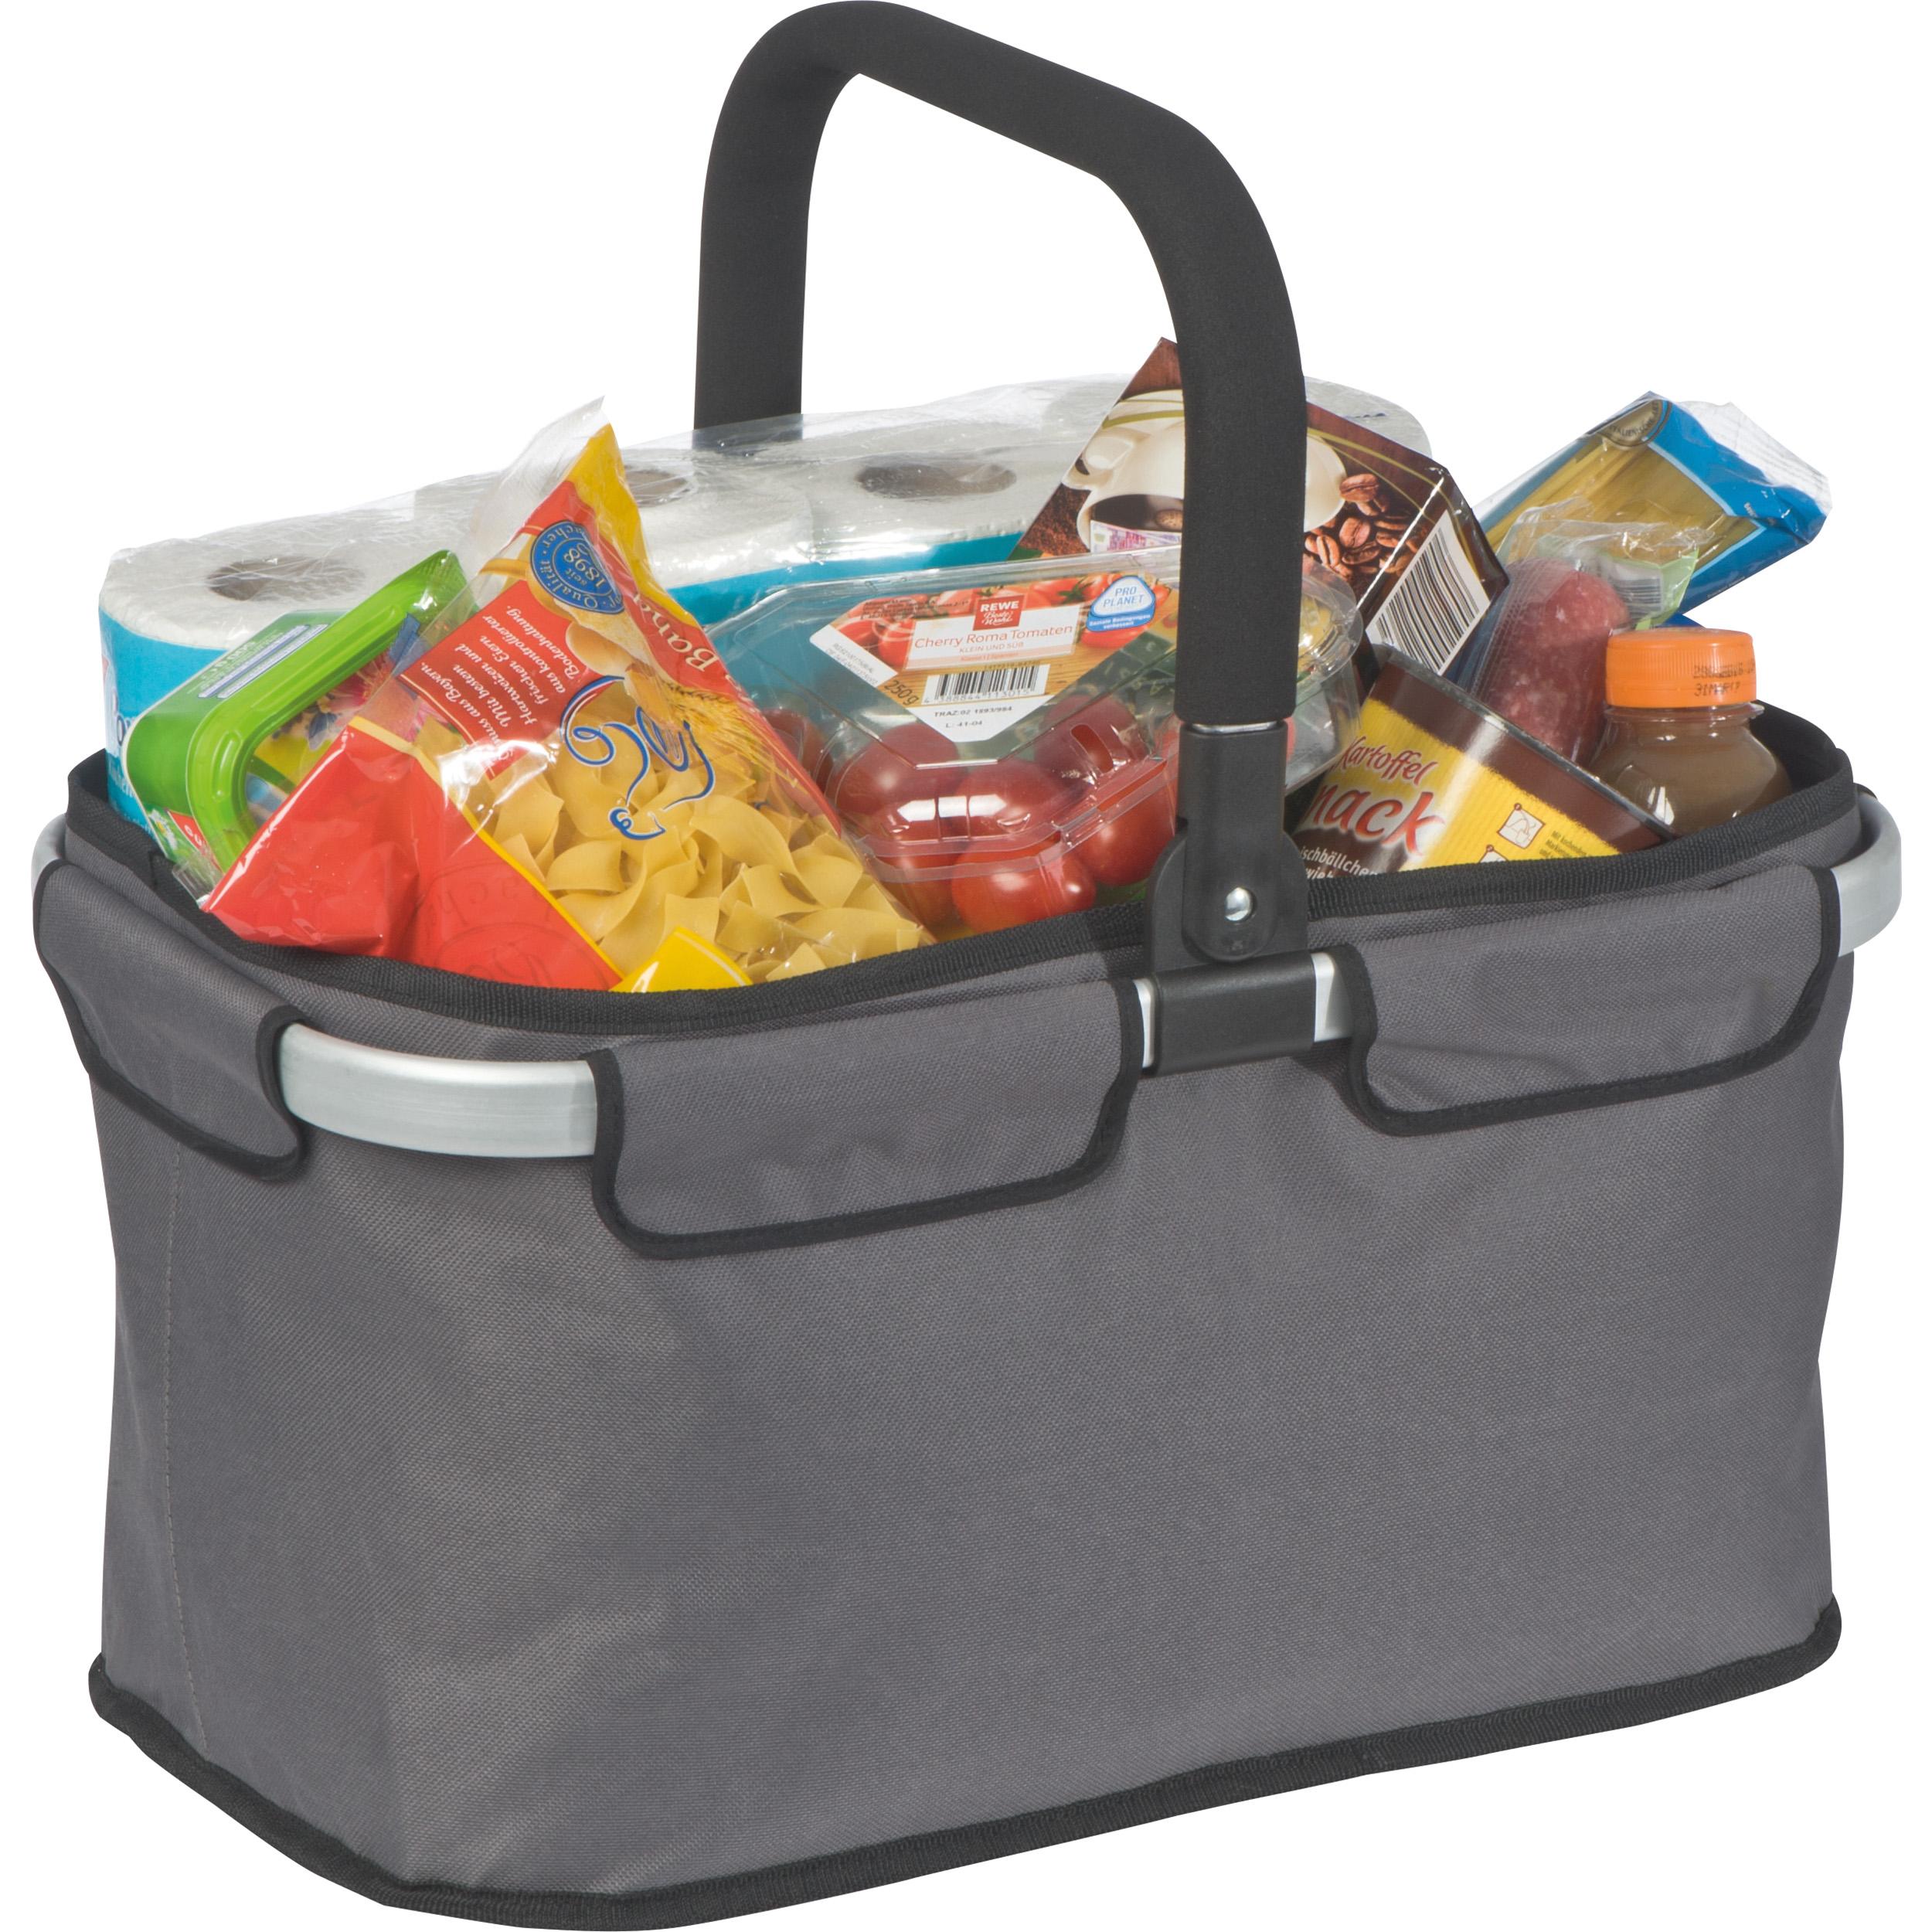 Luxury shopping basket